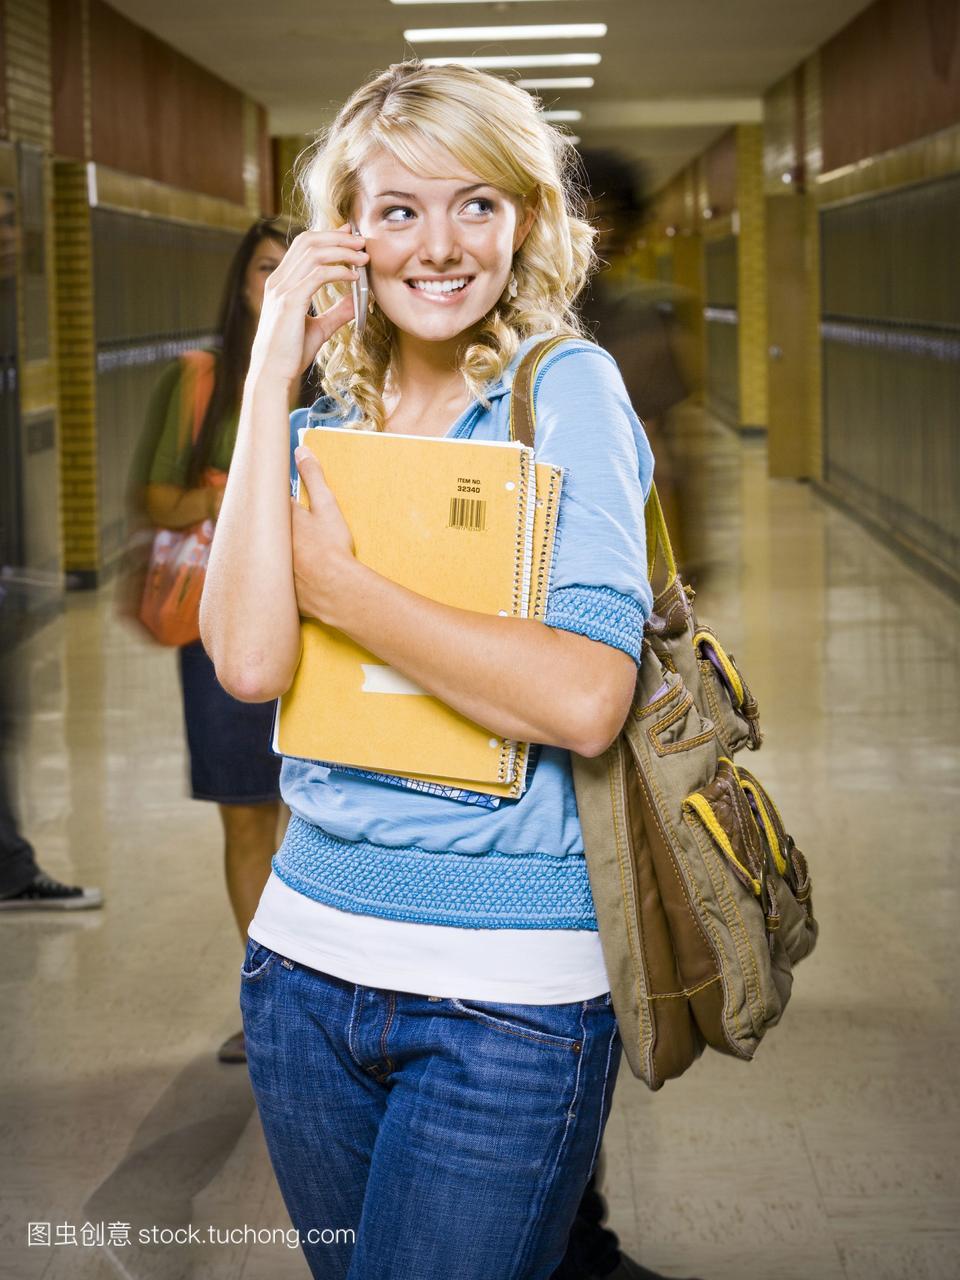 女高中生在手机札记。大全高中学校青春图片